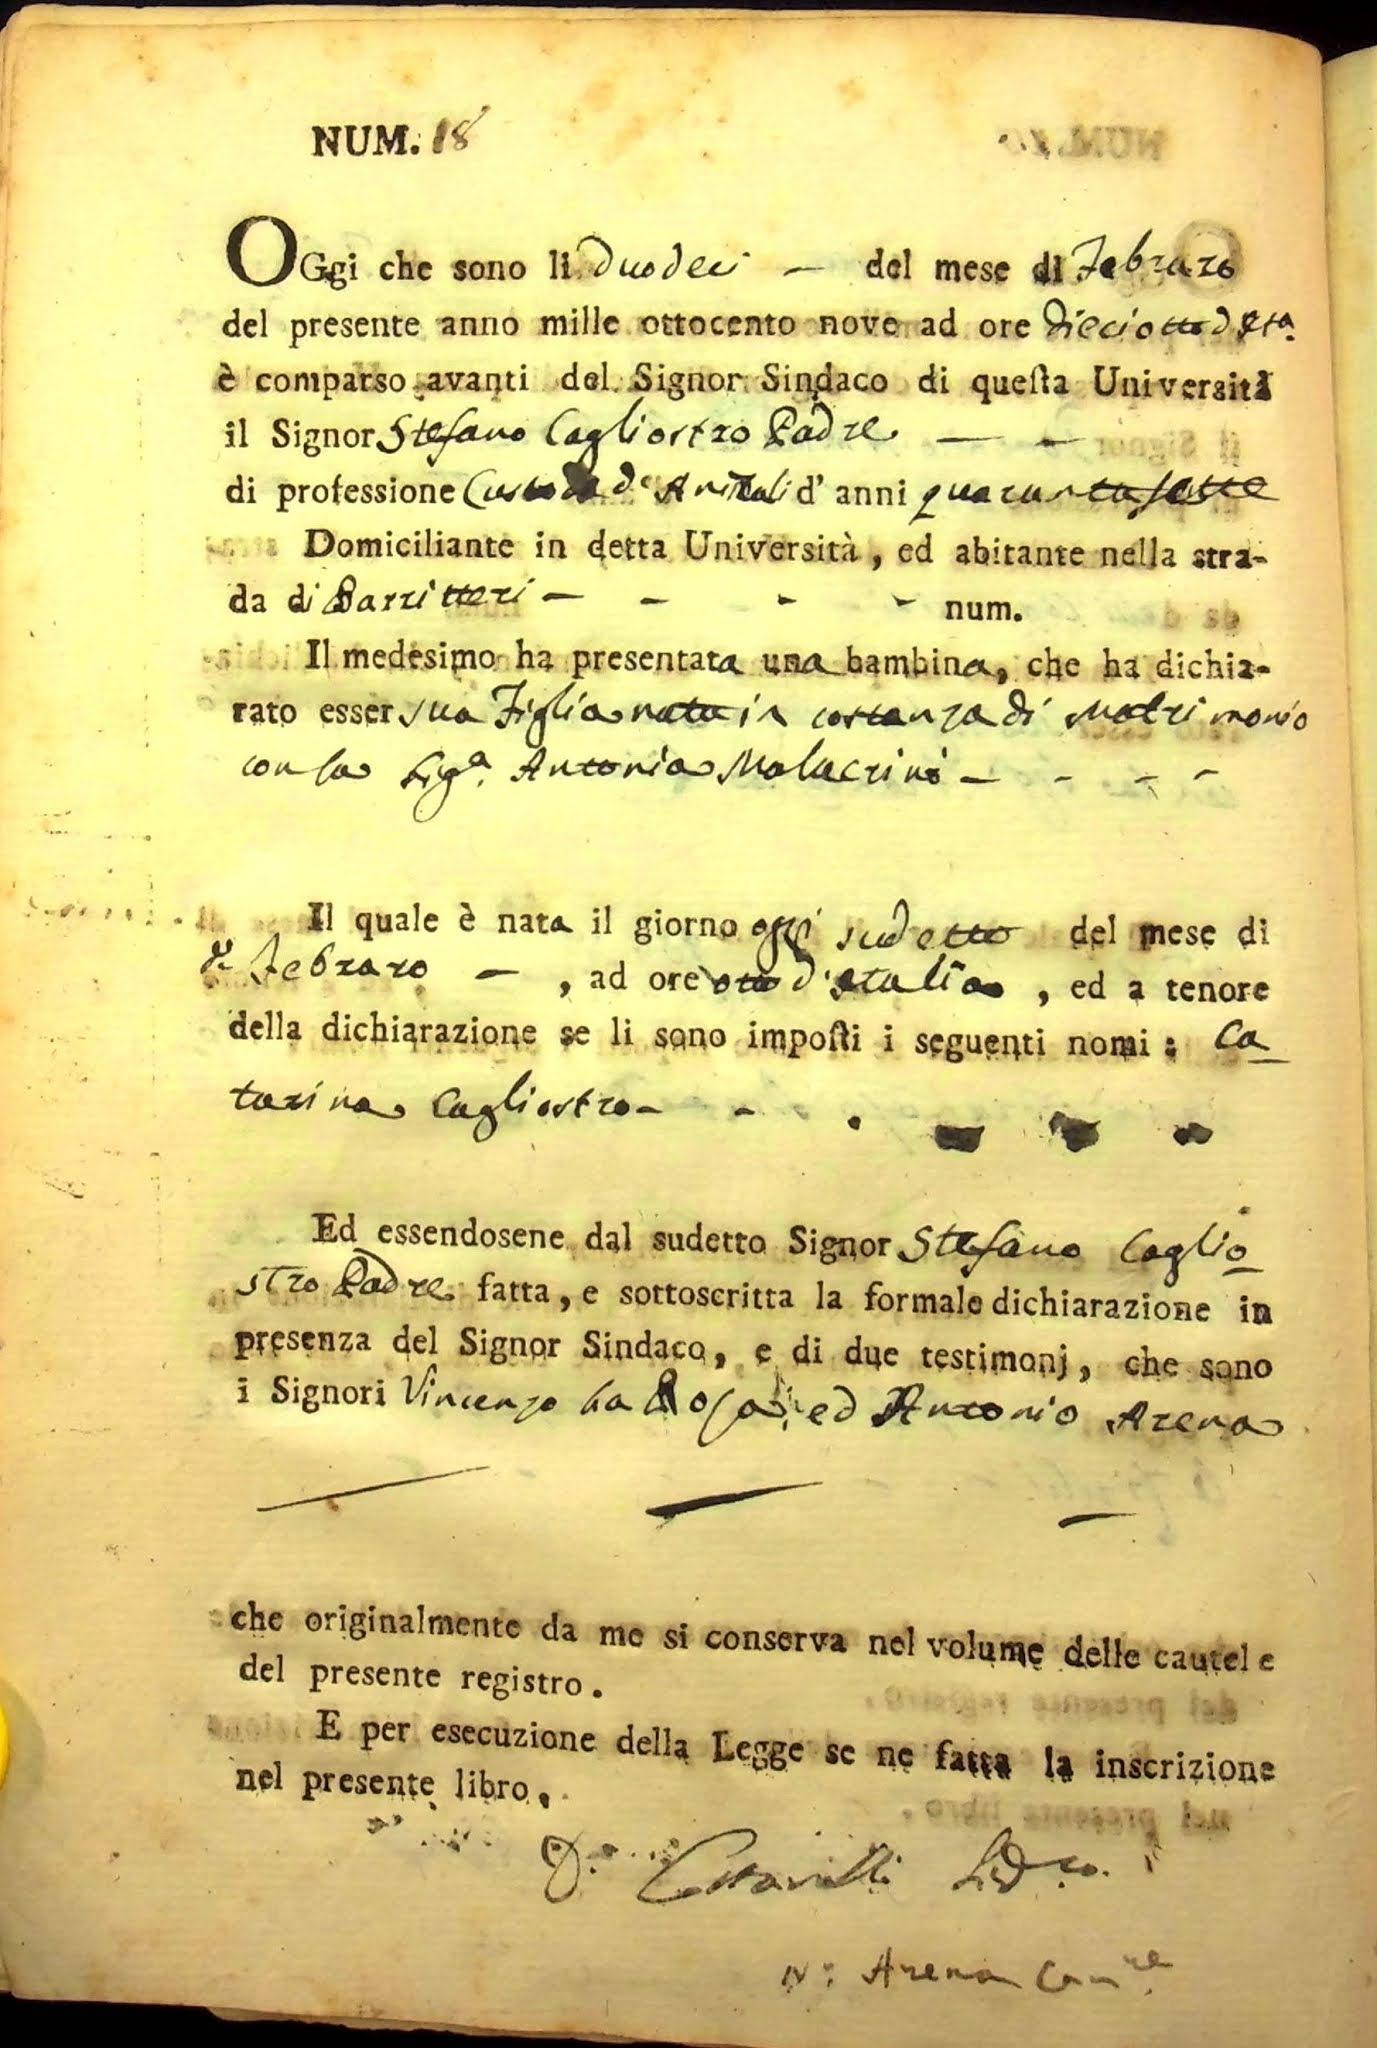 Archivio Storico Comunale Seminara